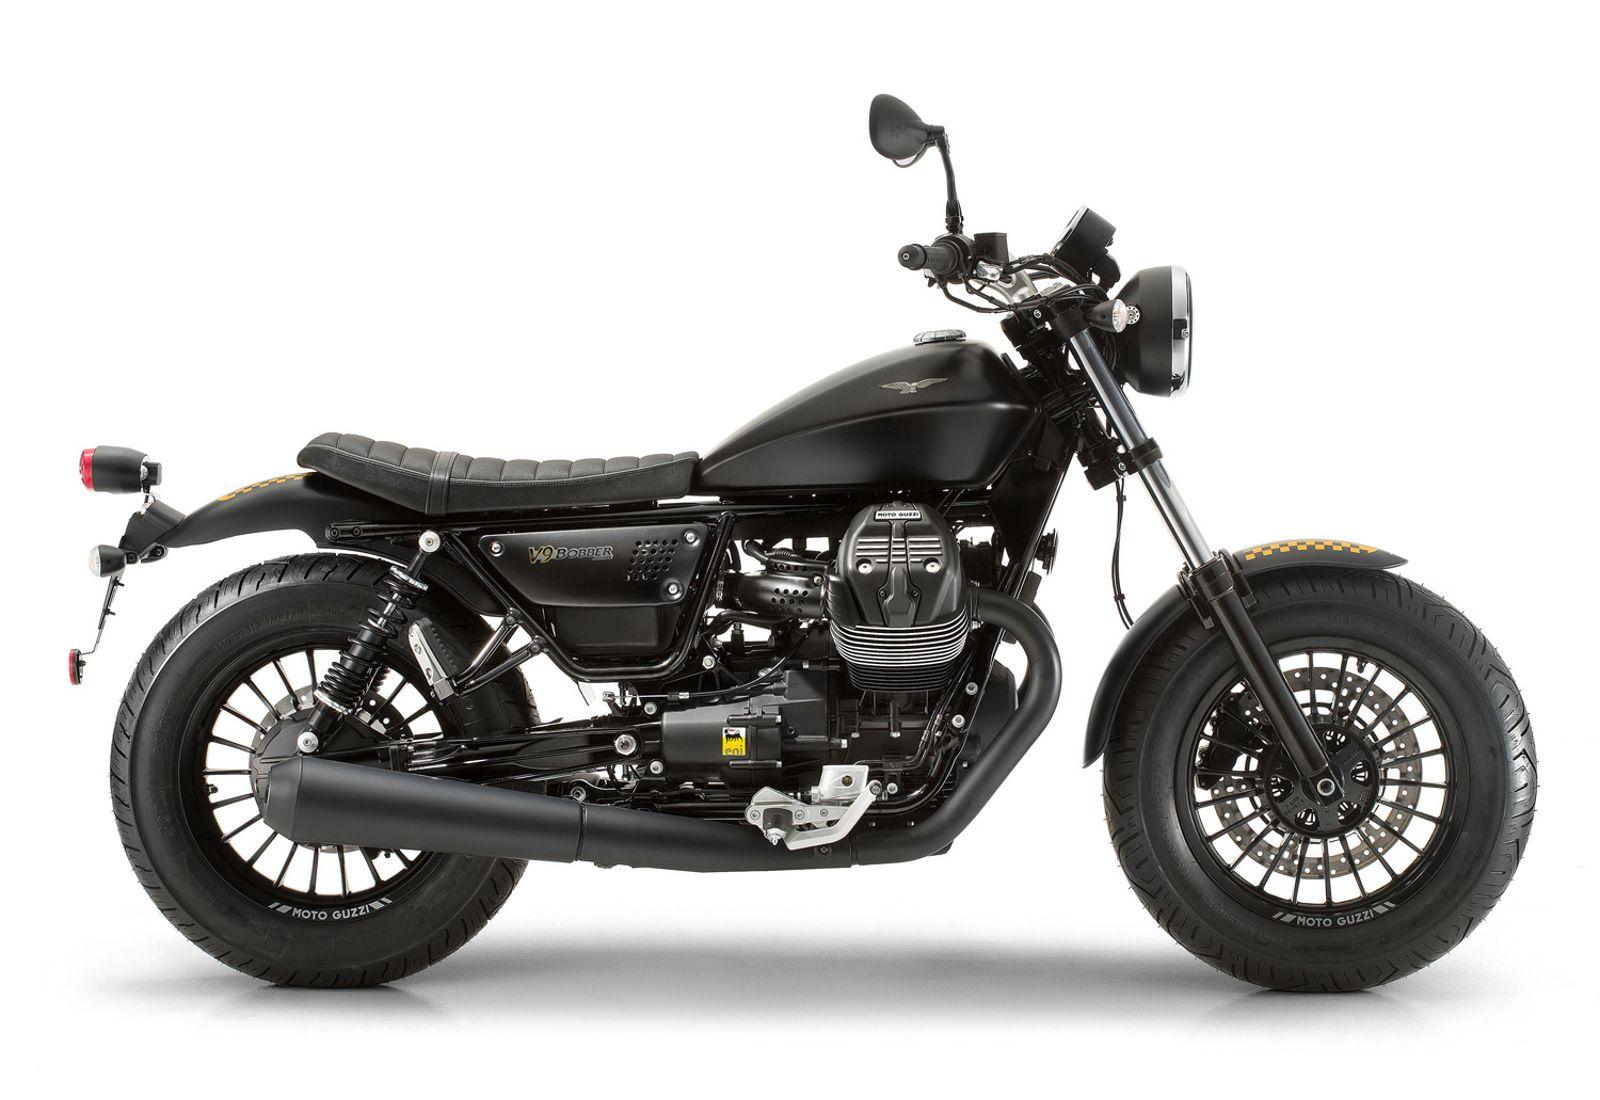 MOTOGUZZI V9 BOBBER 2019 黑色 - 「Webike摩托車市」